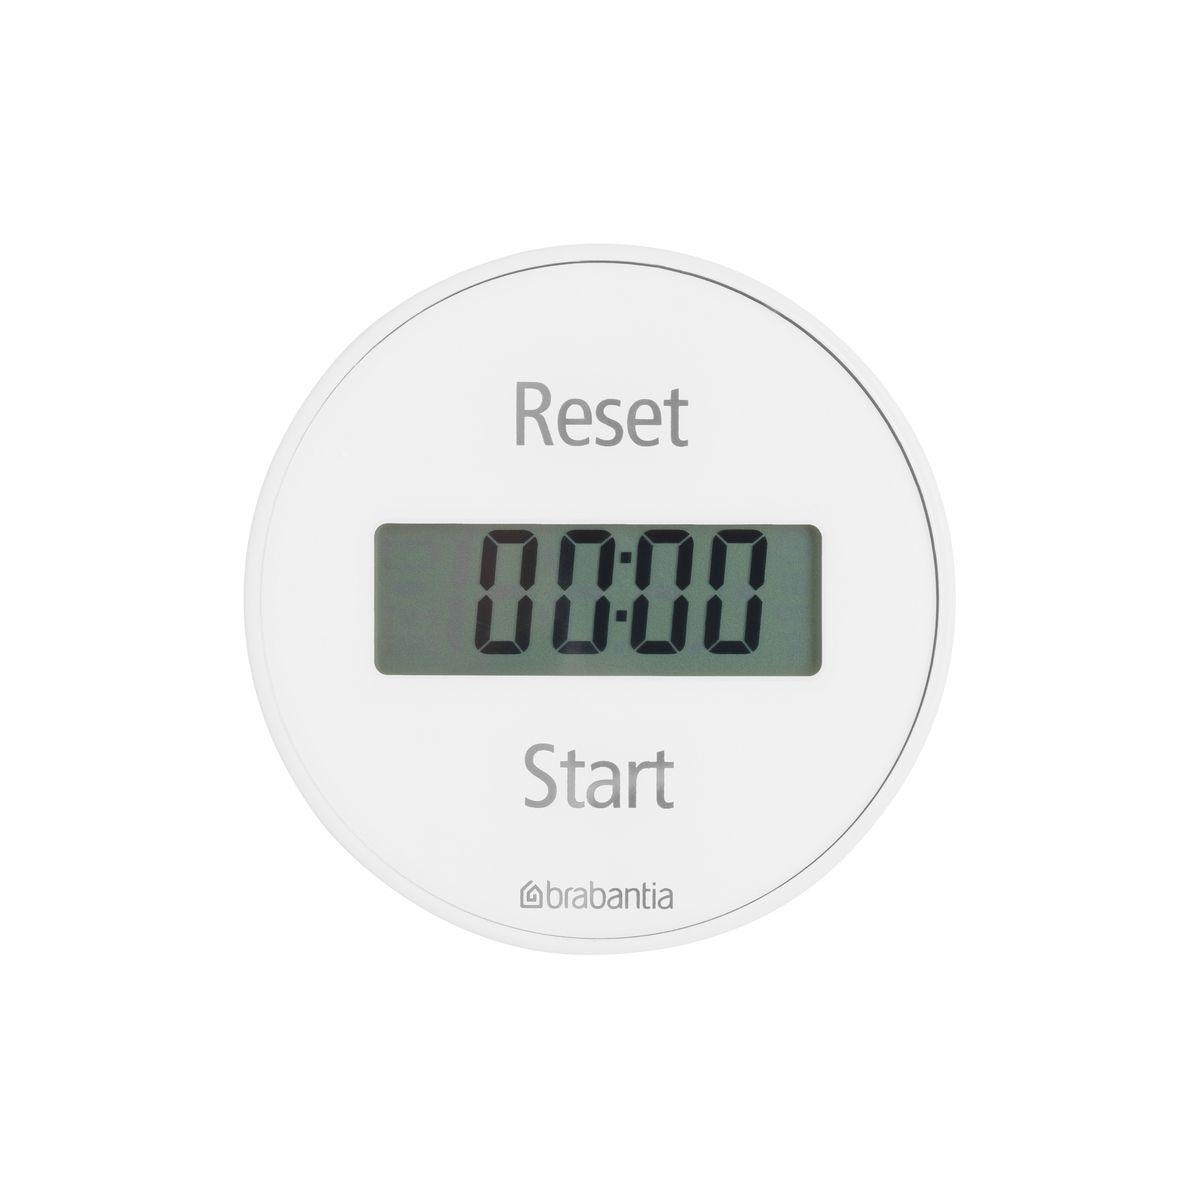 Кухонный таймер Brabantia Tasty Colours94672Кухонный таймер на магните с прямым и обратным отсчетом в диапазоне до 99 минут. Просто поверните внешнее кольцо прибора для установки времени, необходимого для приготовления Вашего любимого блюда. Звуковой сигнал известит Вас о готовности.Таймер легко и быстро устанавливается с помощью внешнего кольца - просто поверните;Удобное крепление - на магните;Функция таймера и секундомера;В комплект входит батарея CR2032;5-летняя гарантия Brabantia.